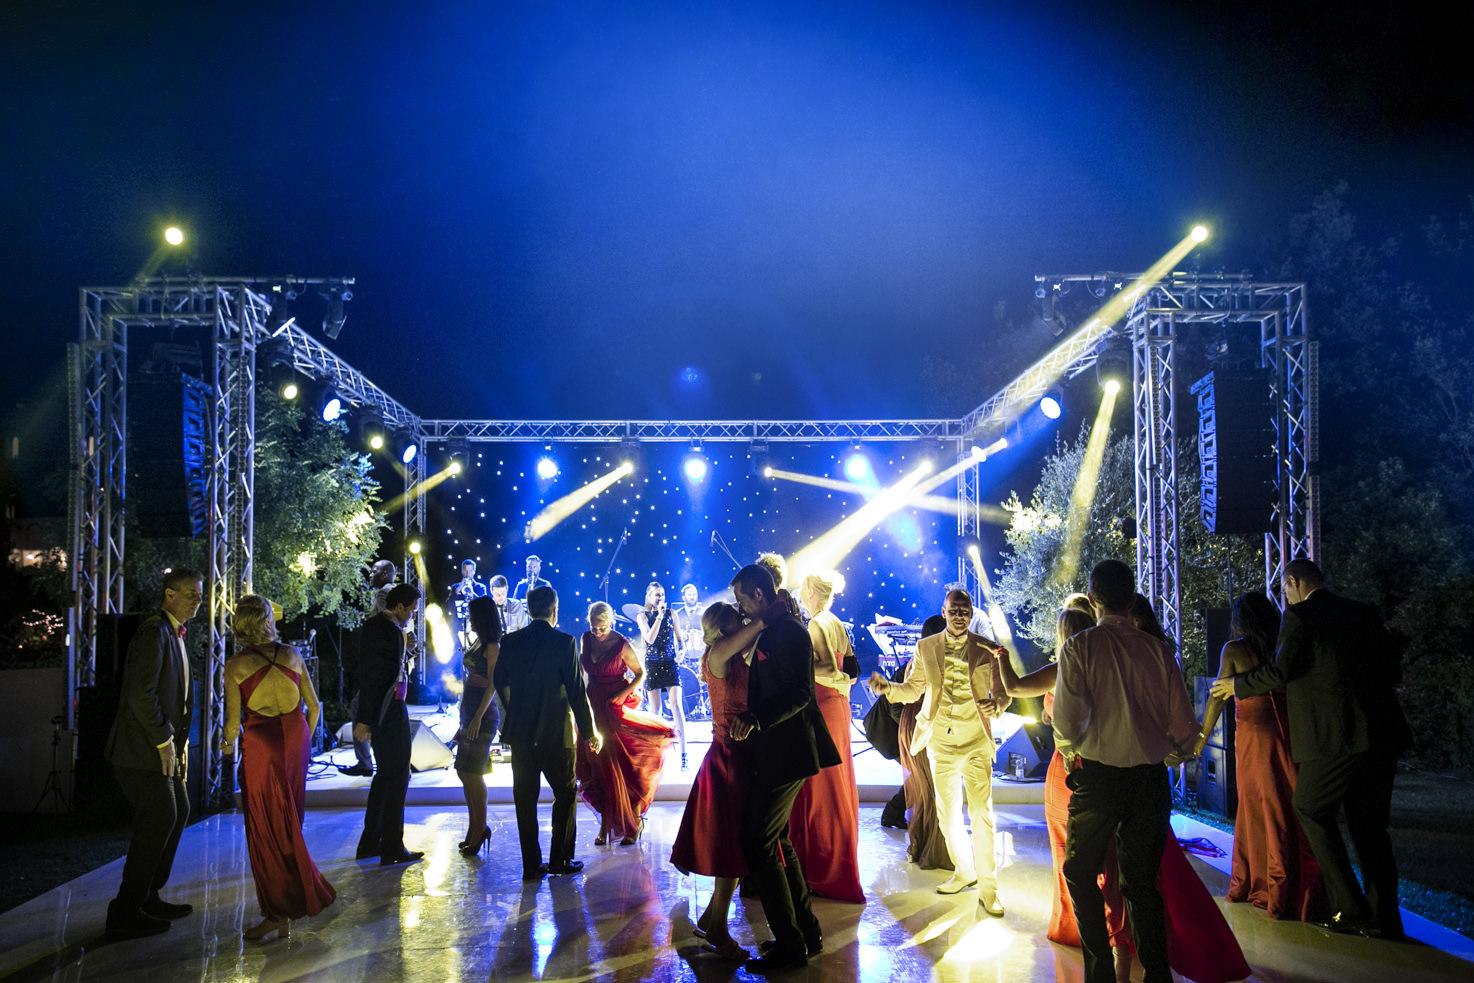 Dance floor for wedding in Italy